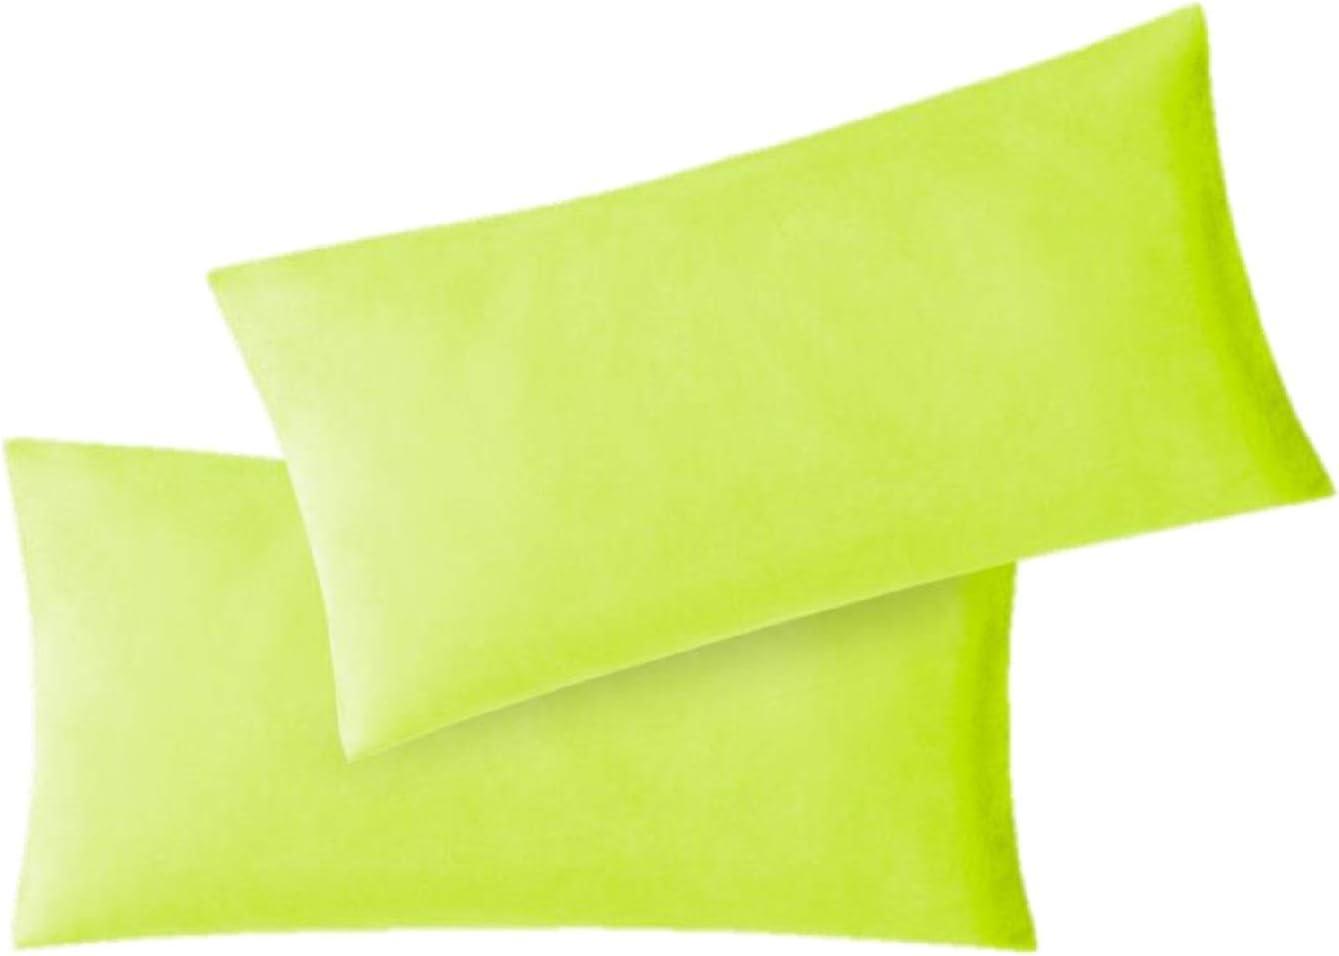 EXKLUSIV HEIMTEXTIL Fundas de Almohada de Jersey 2 Pack económico con Cremallera 40 x 80 cm Verde Manzana